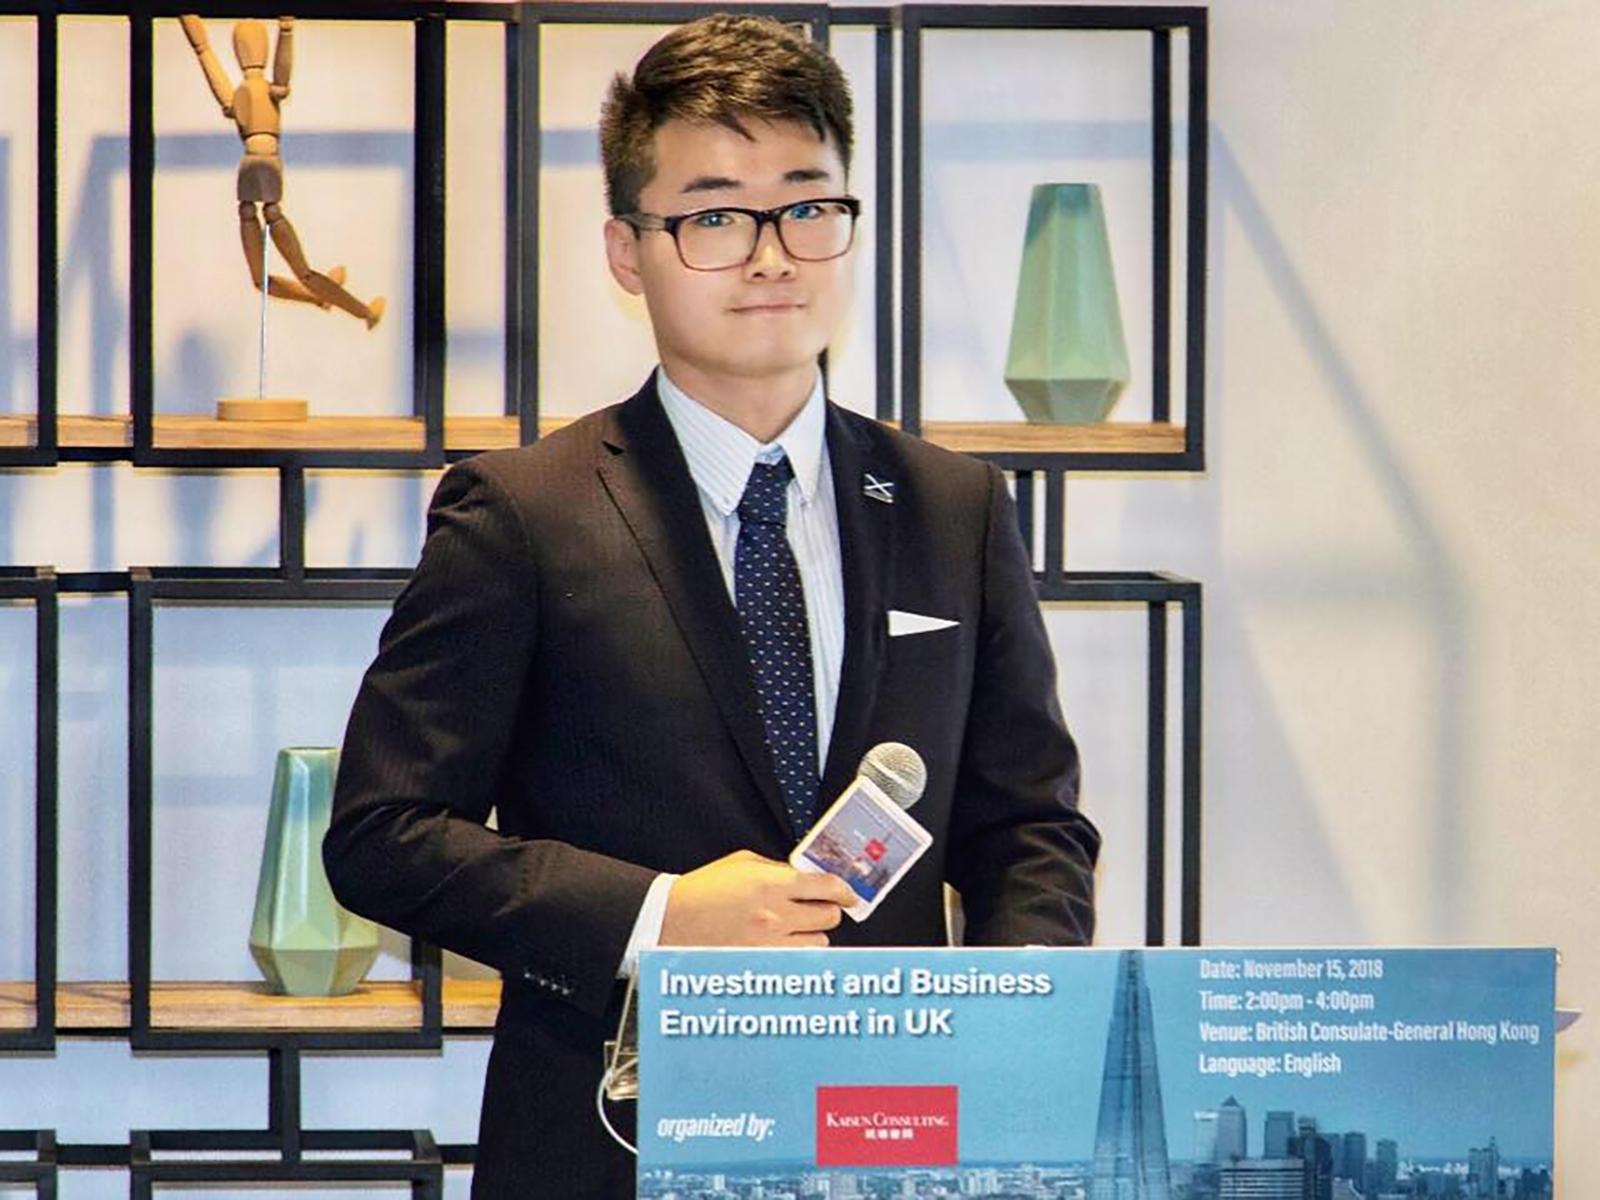 英國駐港總領事館香港僱員鄭文傑。Simon Cheng FB圖